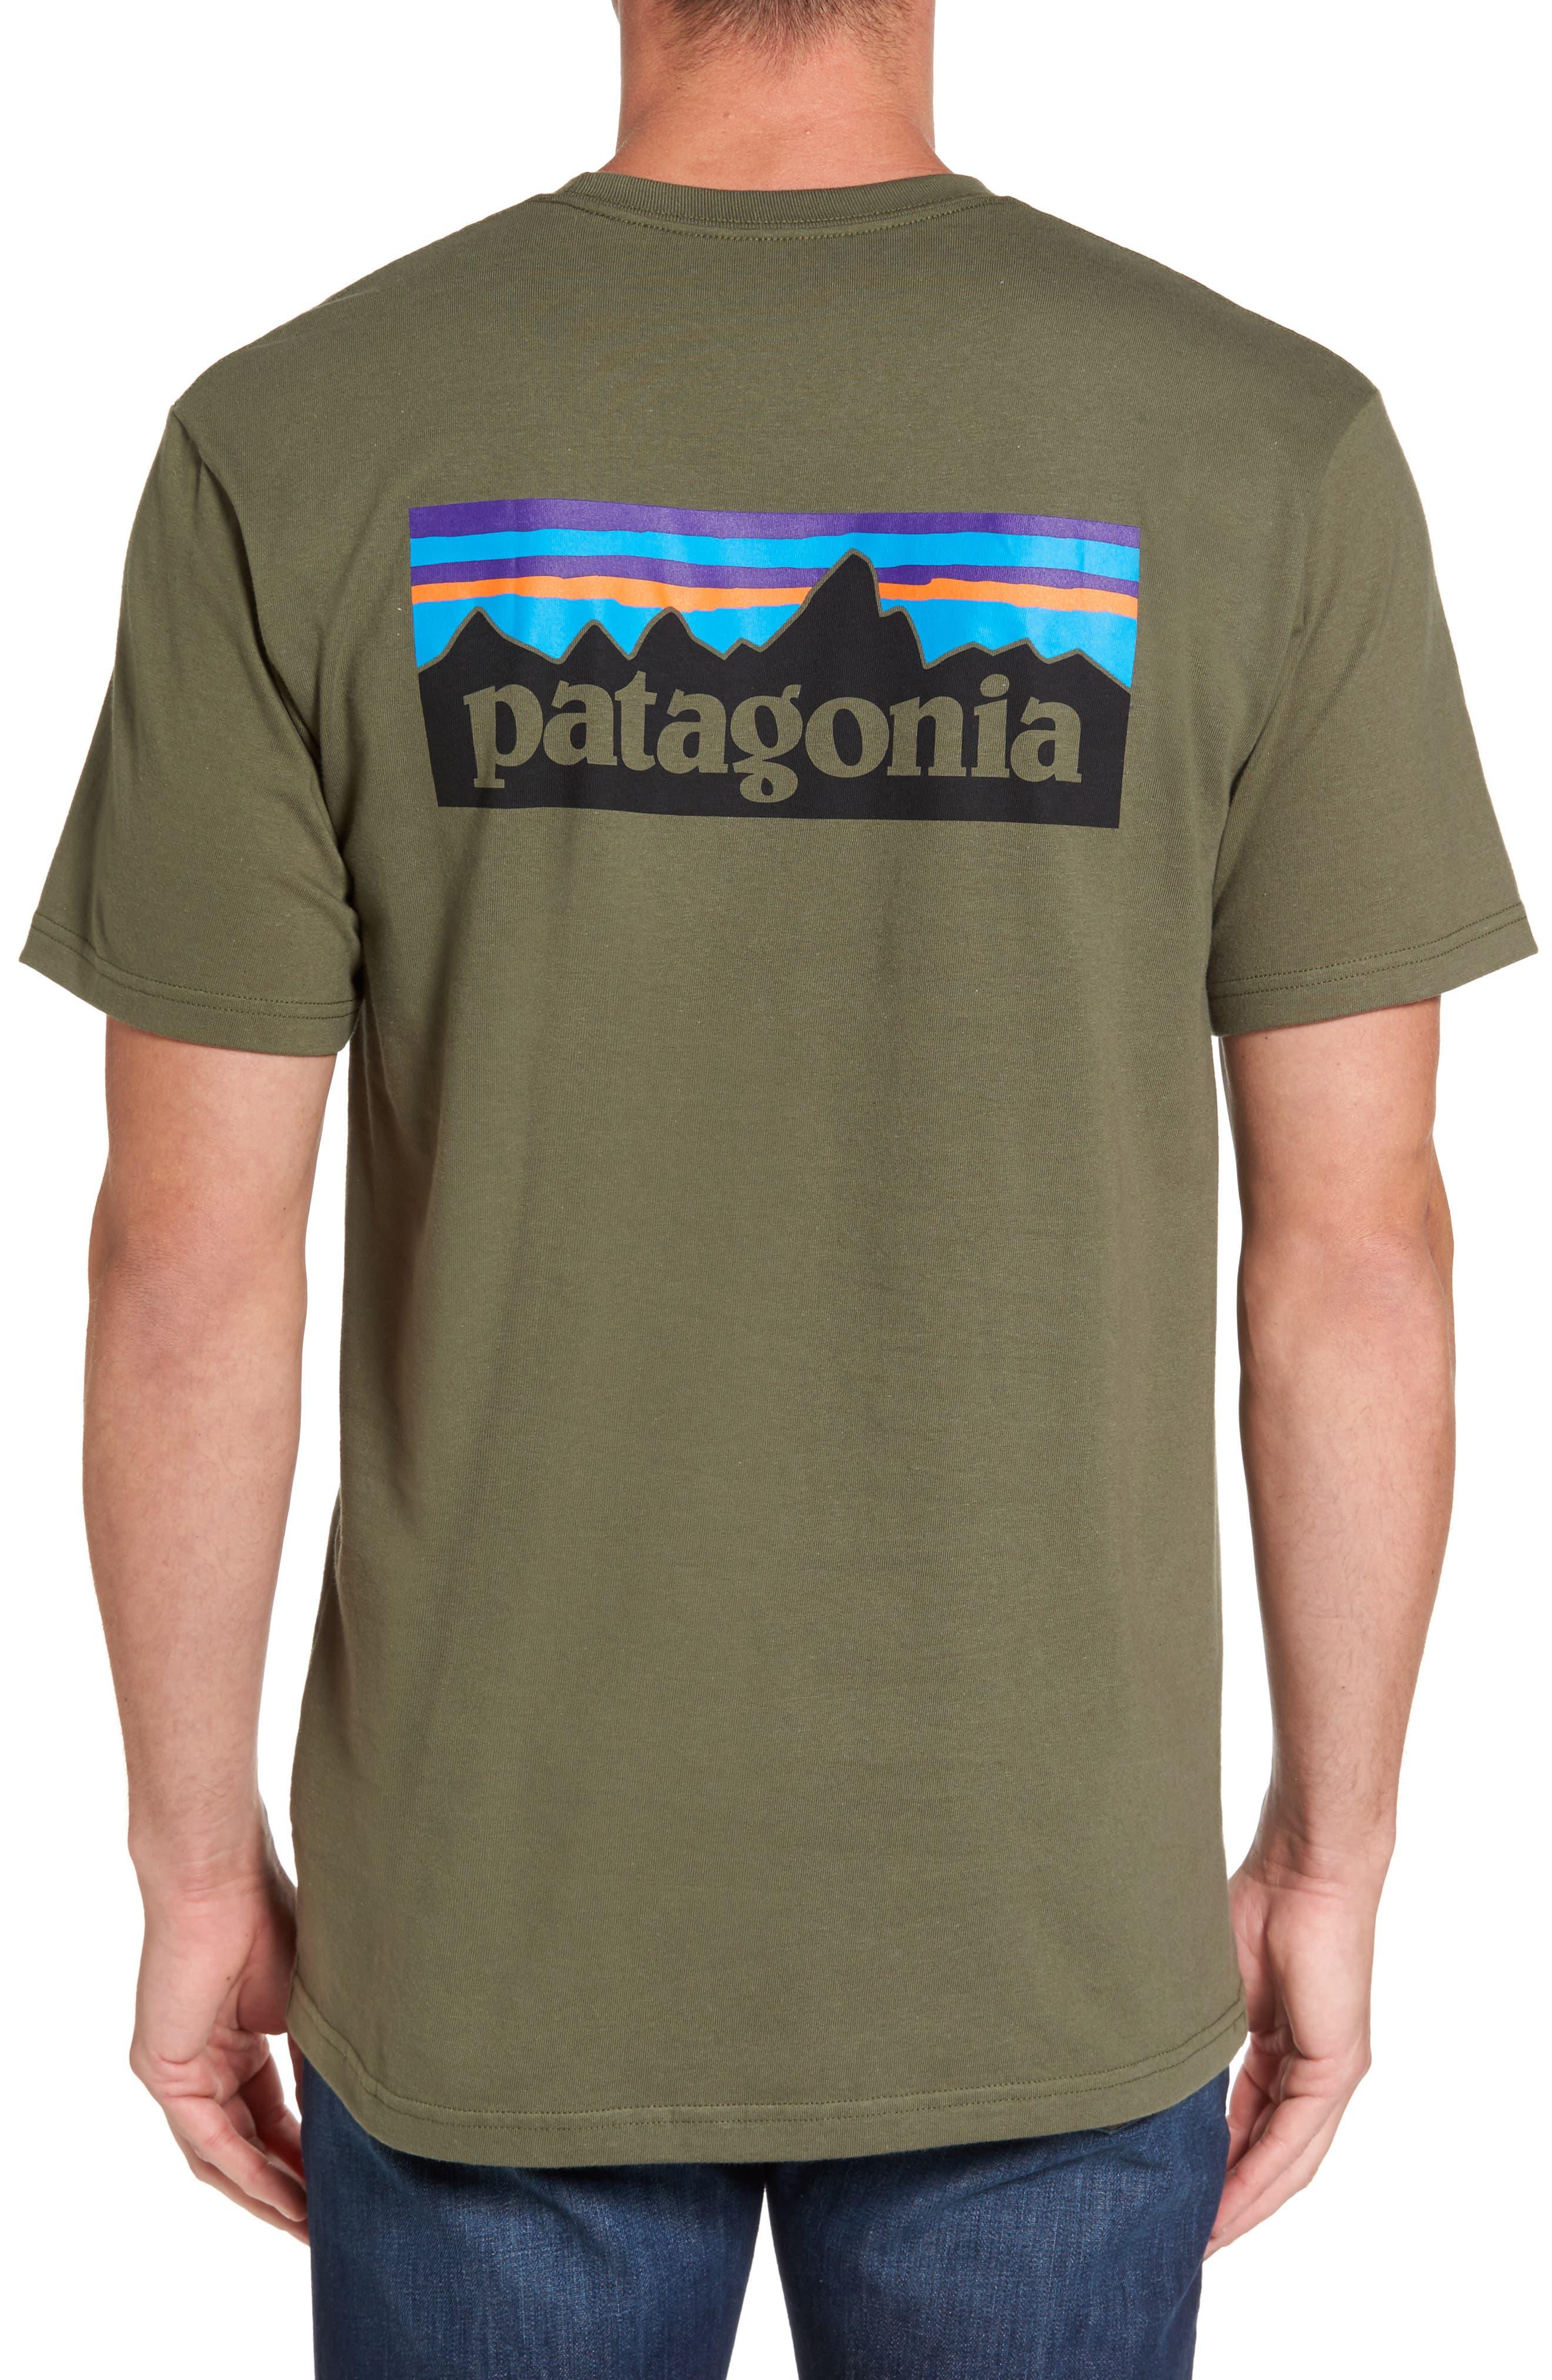 Alternate Image 1 Selected - Patagonia 'P-6 Logo' Organic Cotton T-Shirt